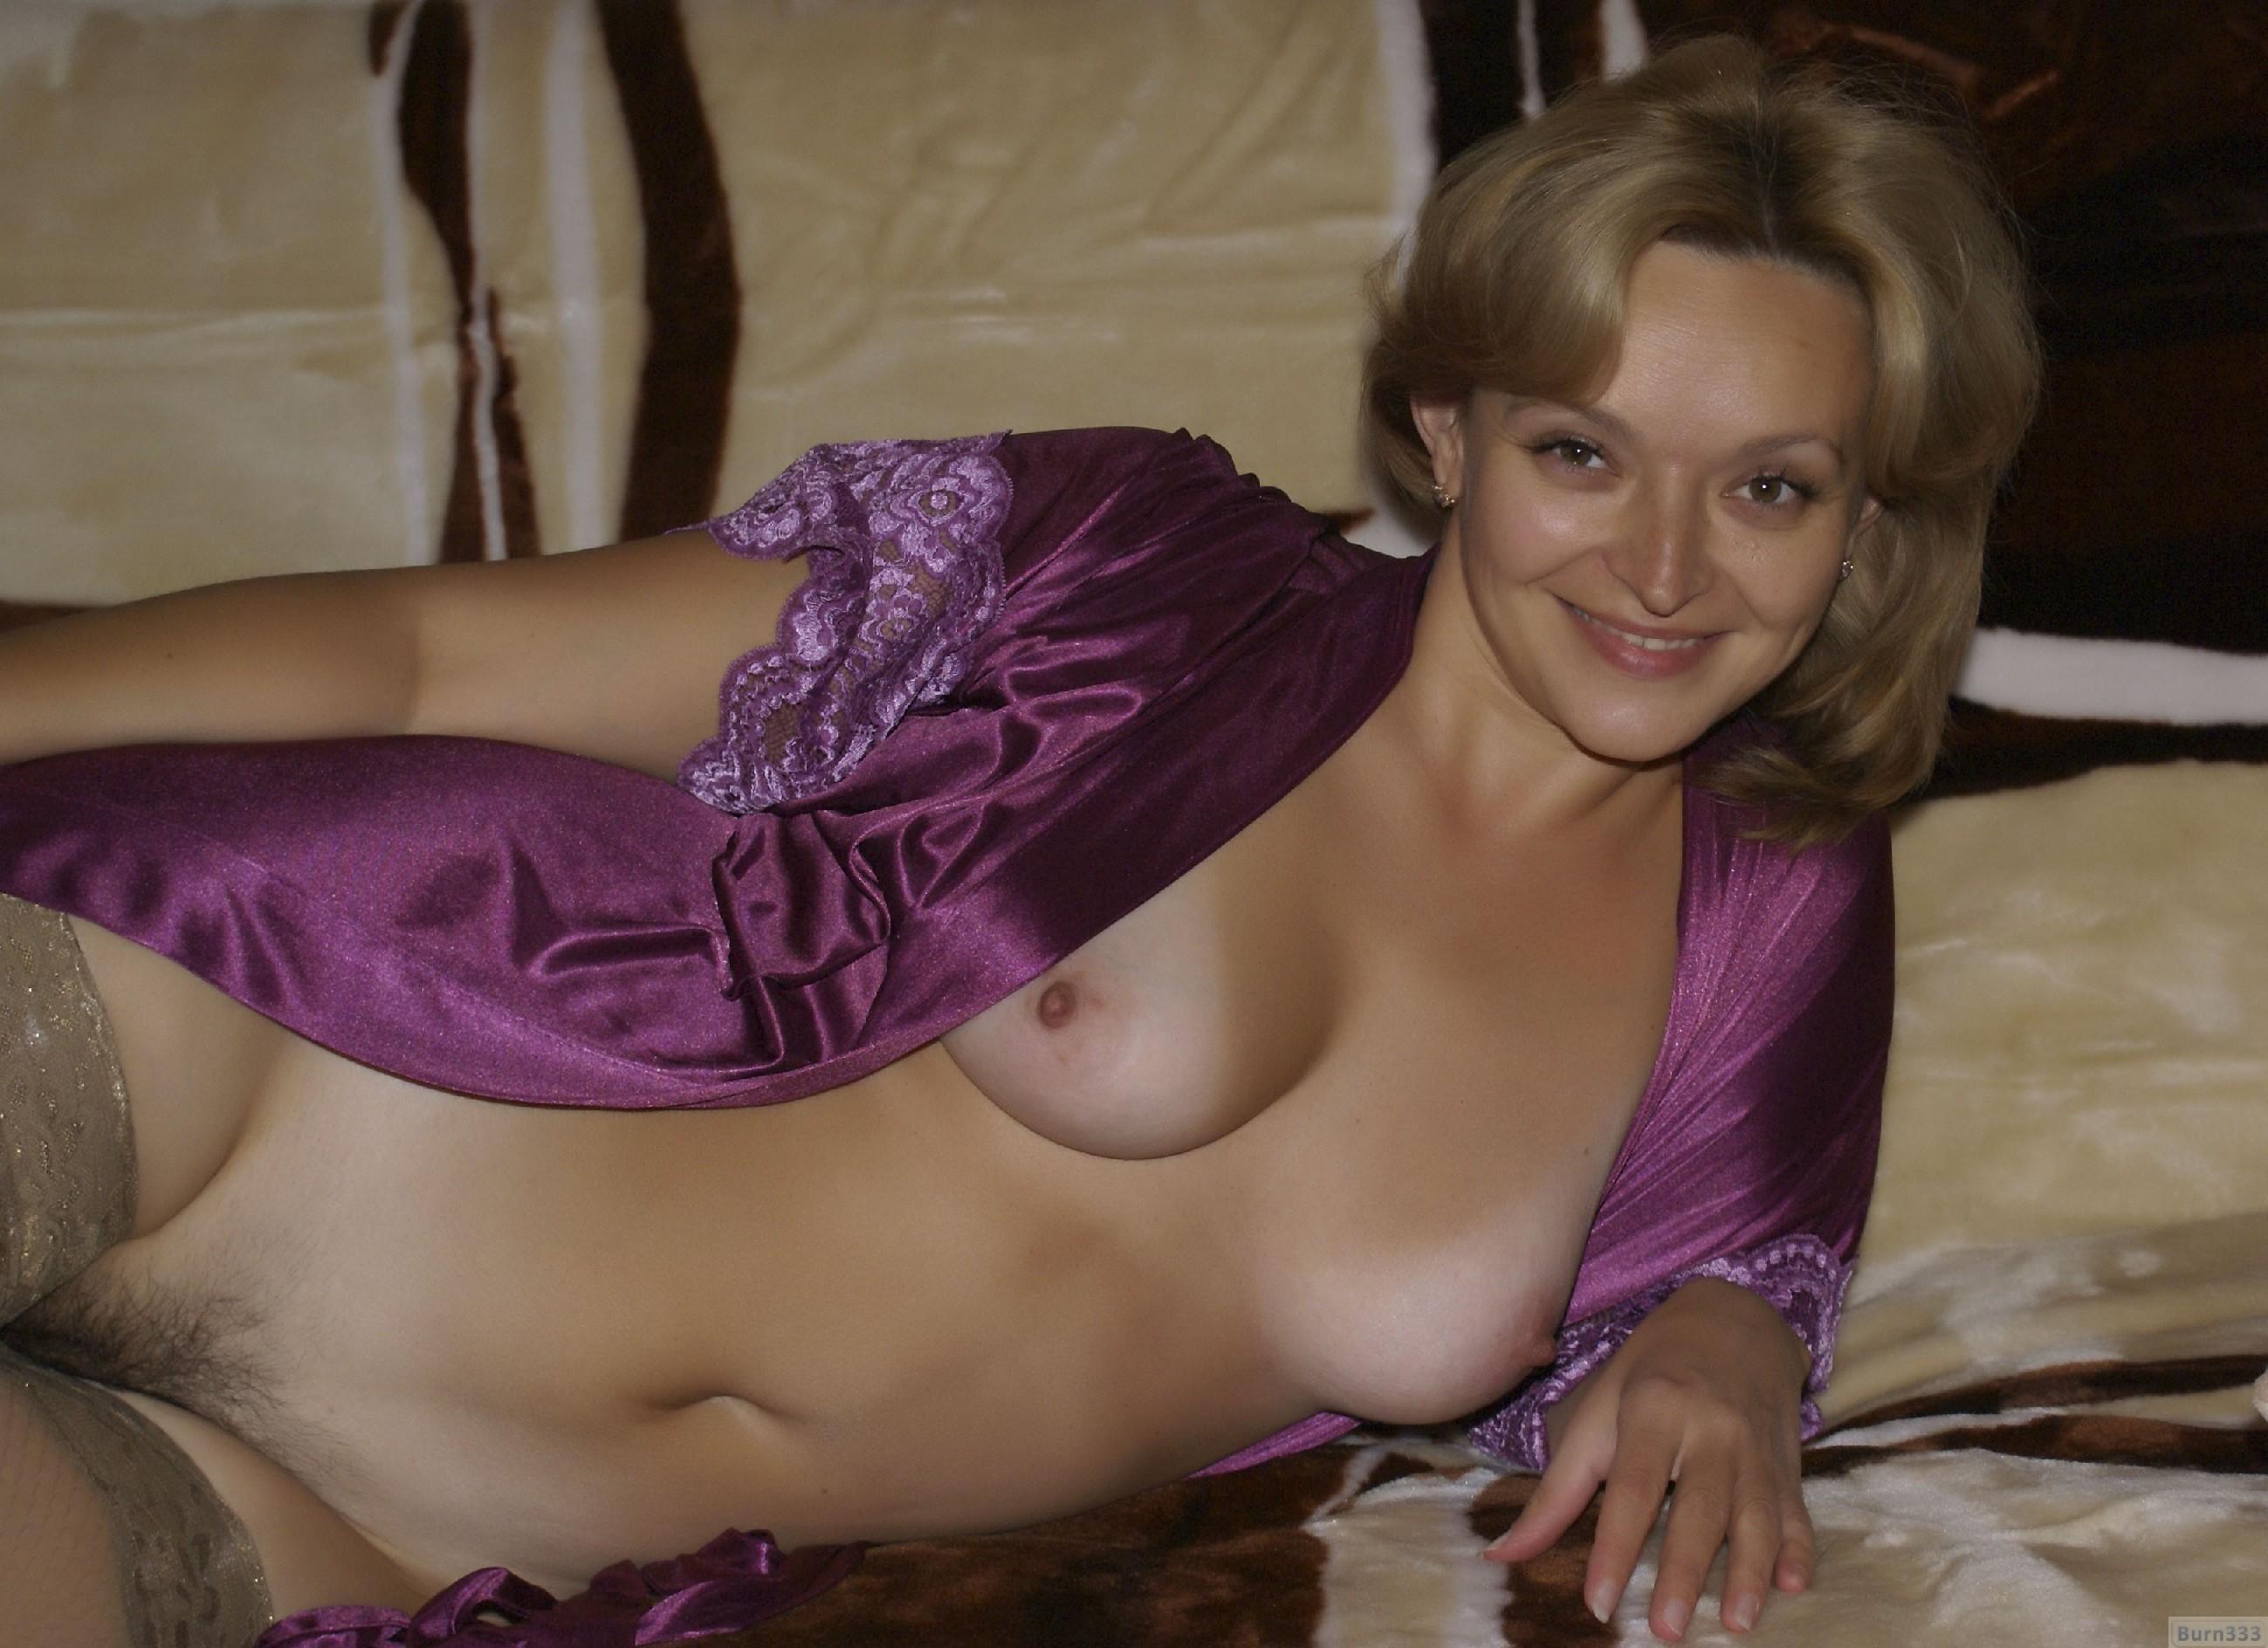 что, посмотрев зрелая женщина в халате порно всего